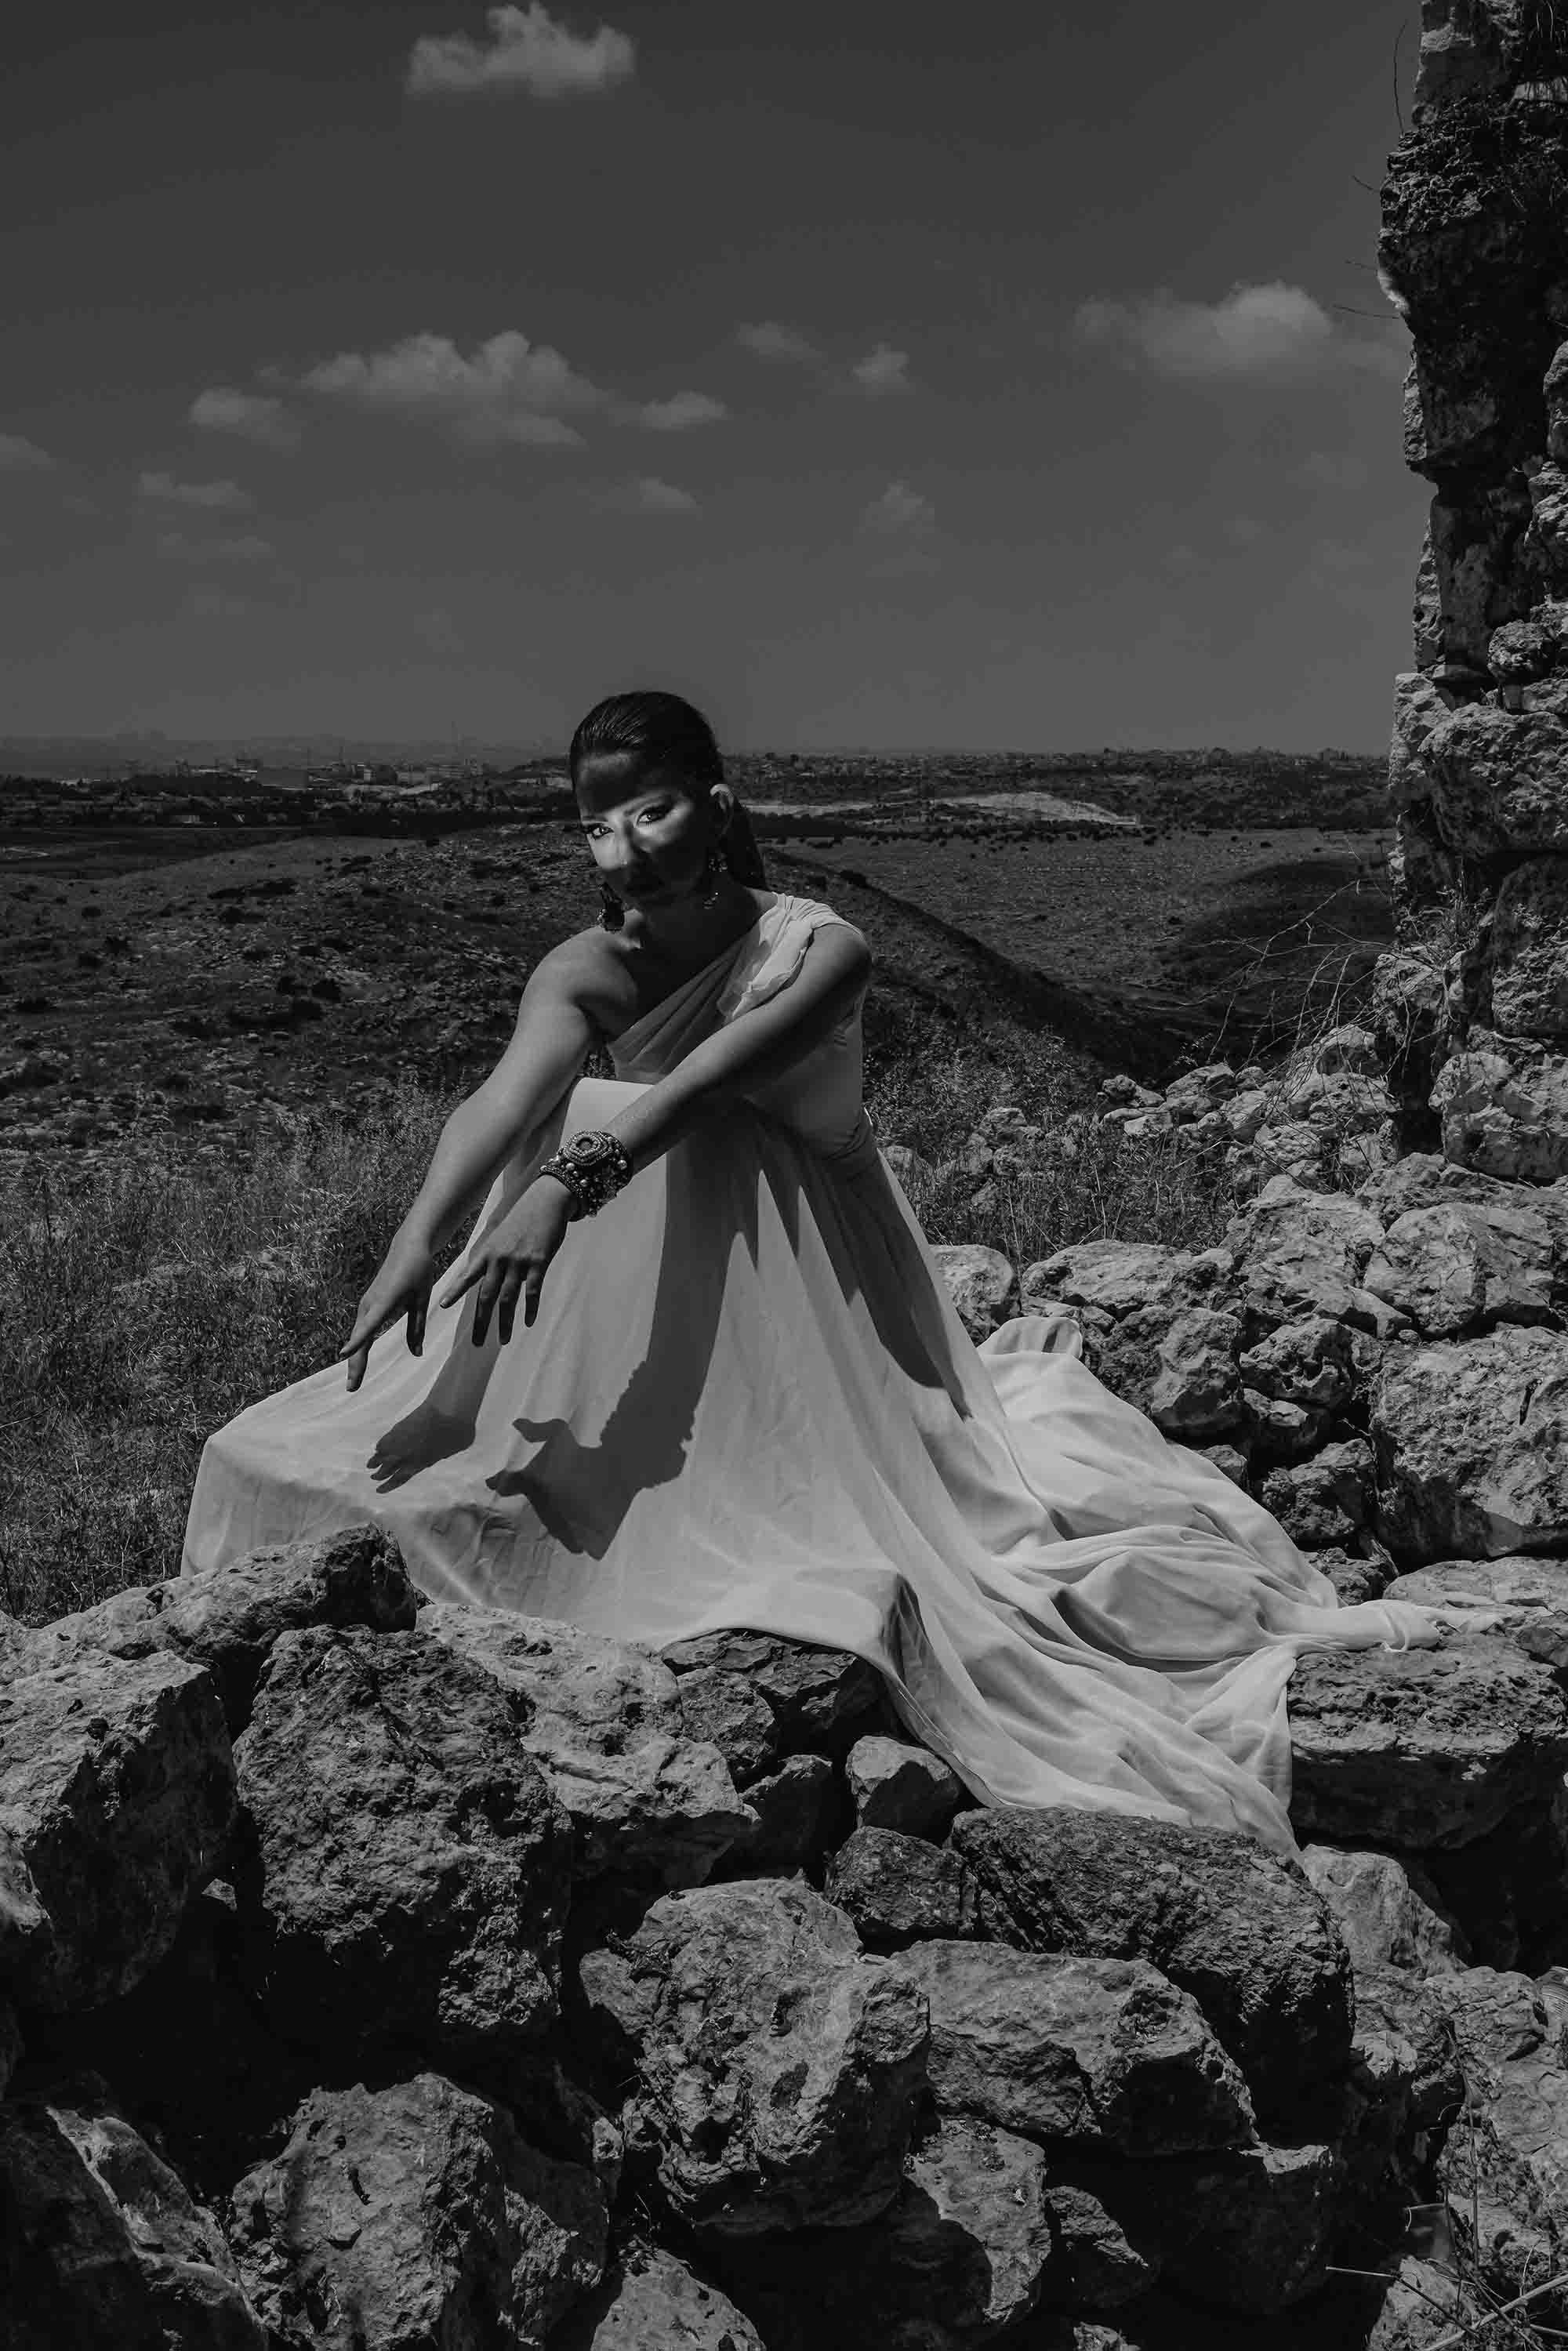 אופנה, איפור, אורנה רימוק, צילום, בן לאון, דוגמנית, אמילי זלצר, מגזין אופנה -144